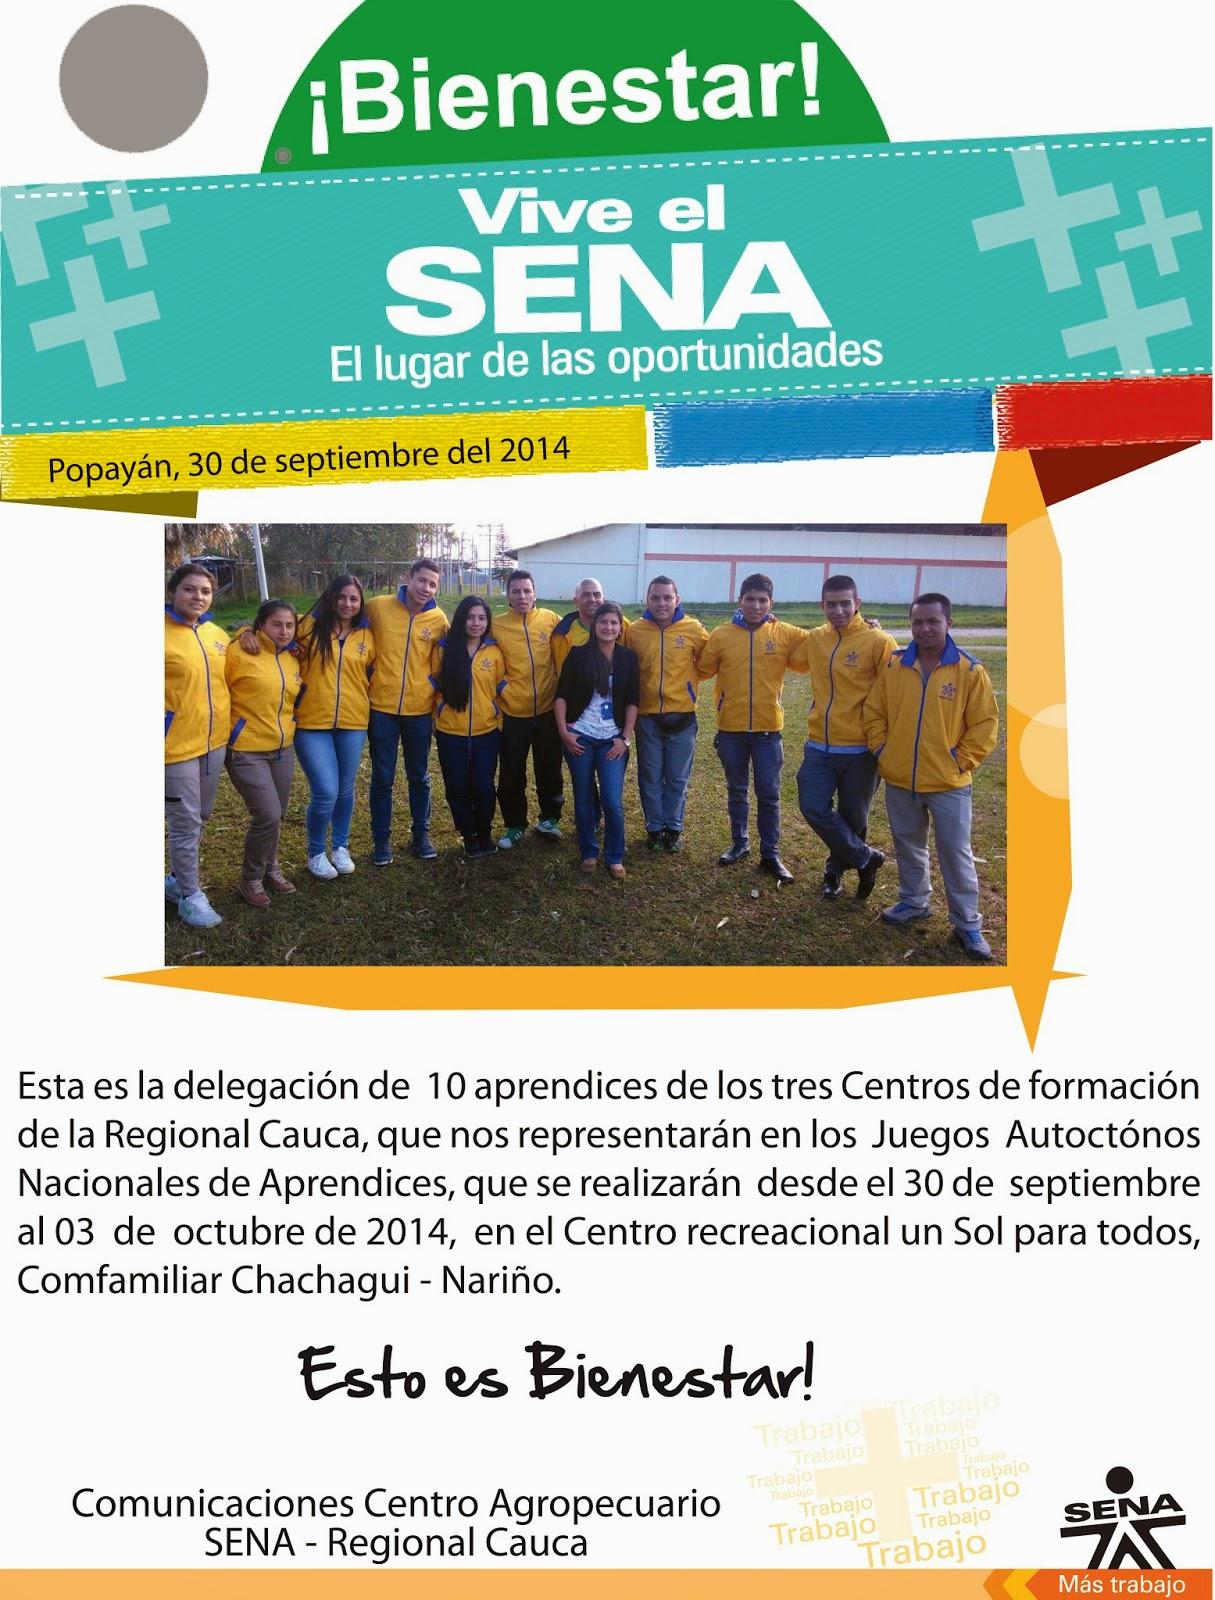 Centro Agropecuario Regional Cauca: septiembre 2014